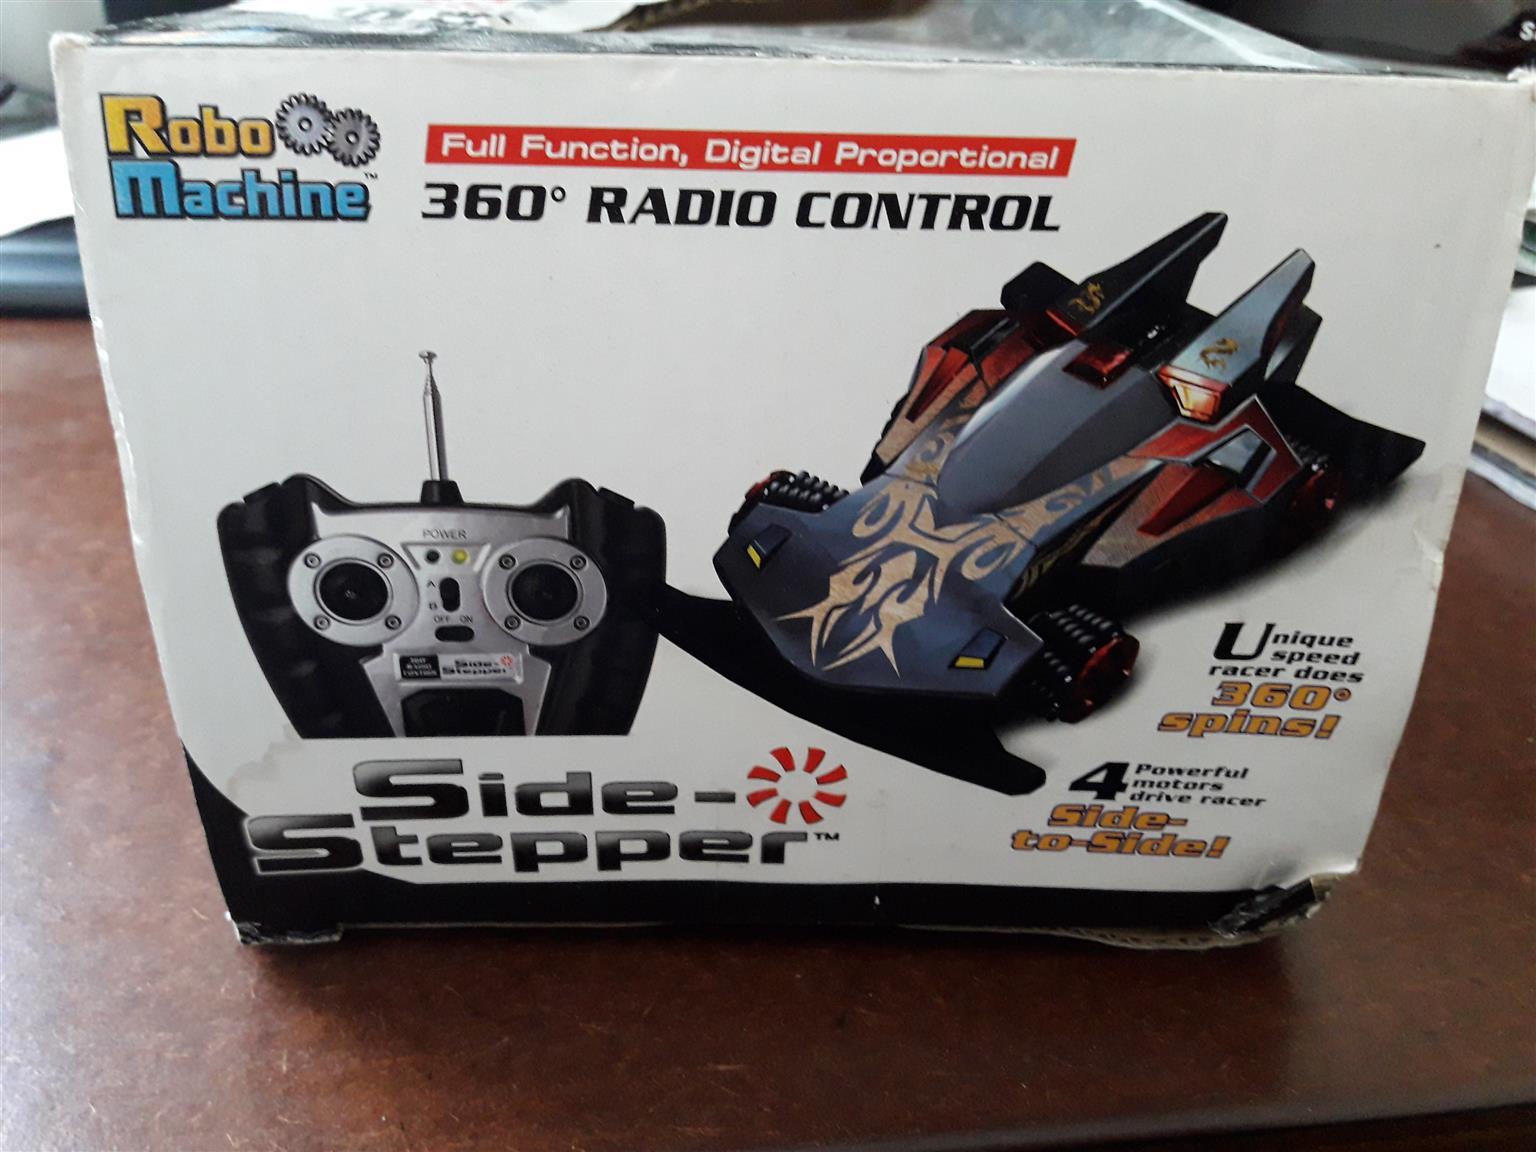 Side stepper radio control model car